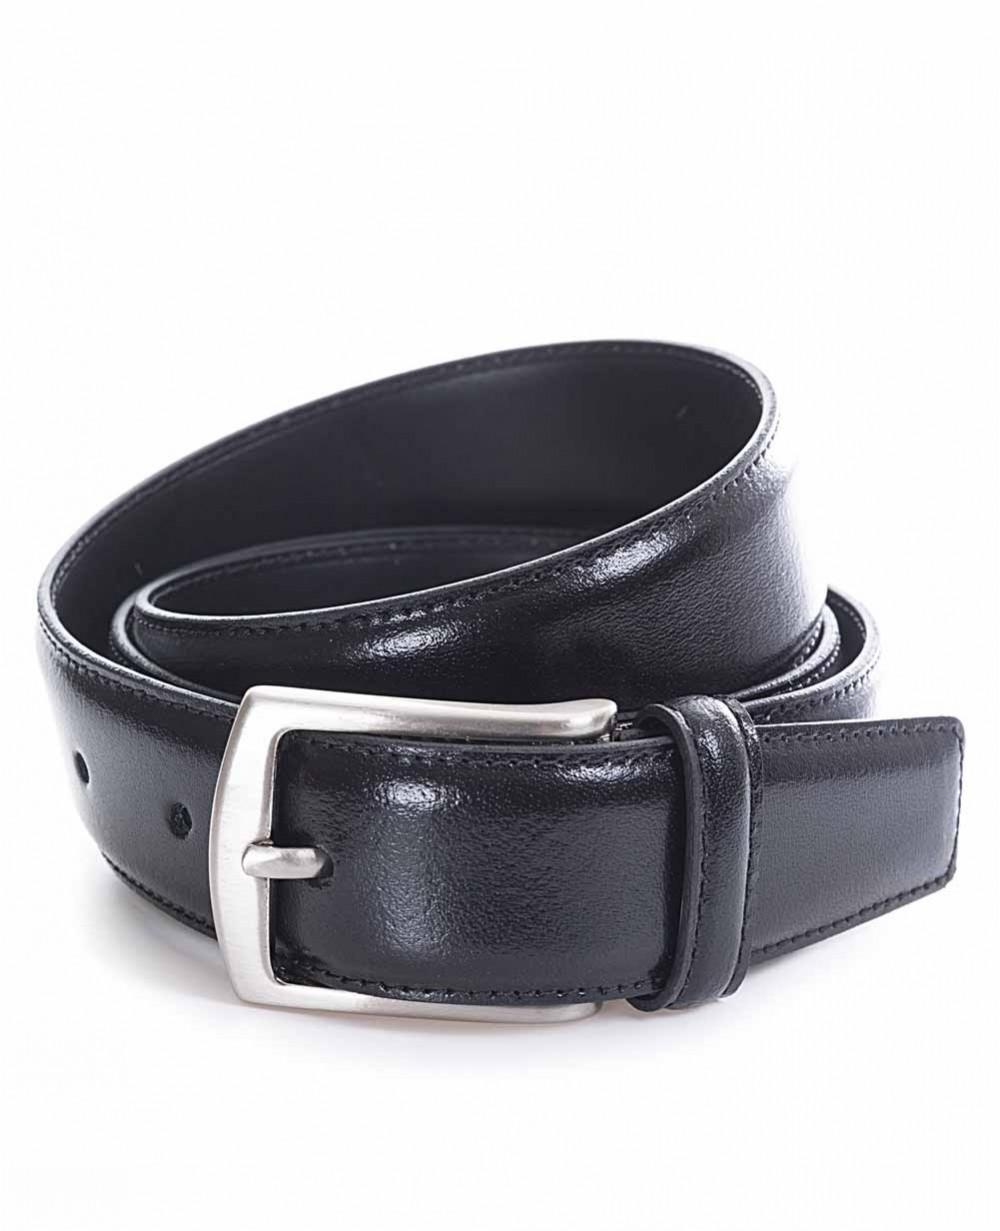 Miguel Bellido Cinturón clásico Piel Negro 100 (Foto )